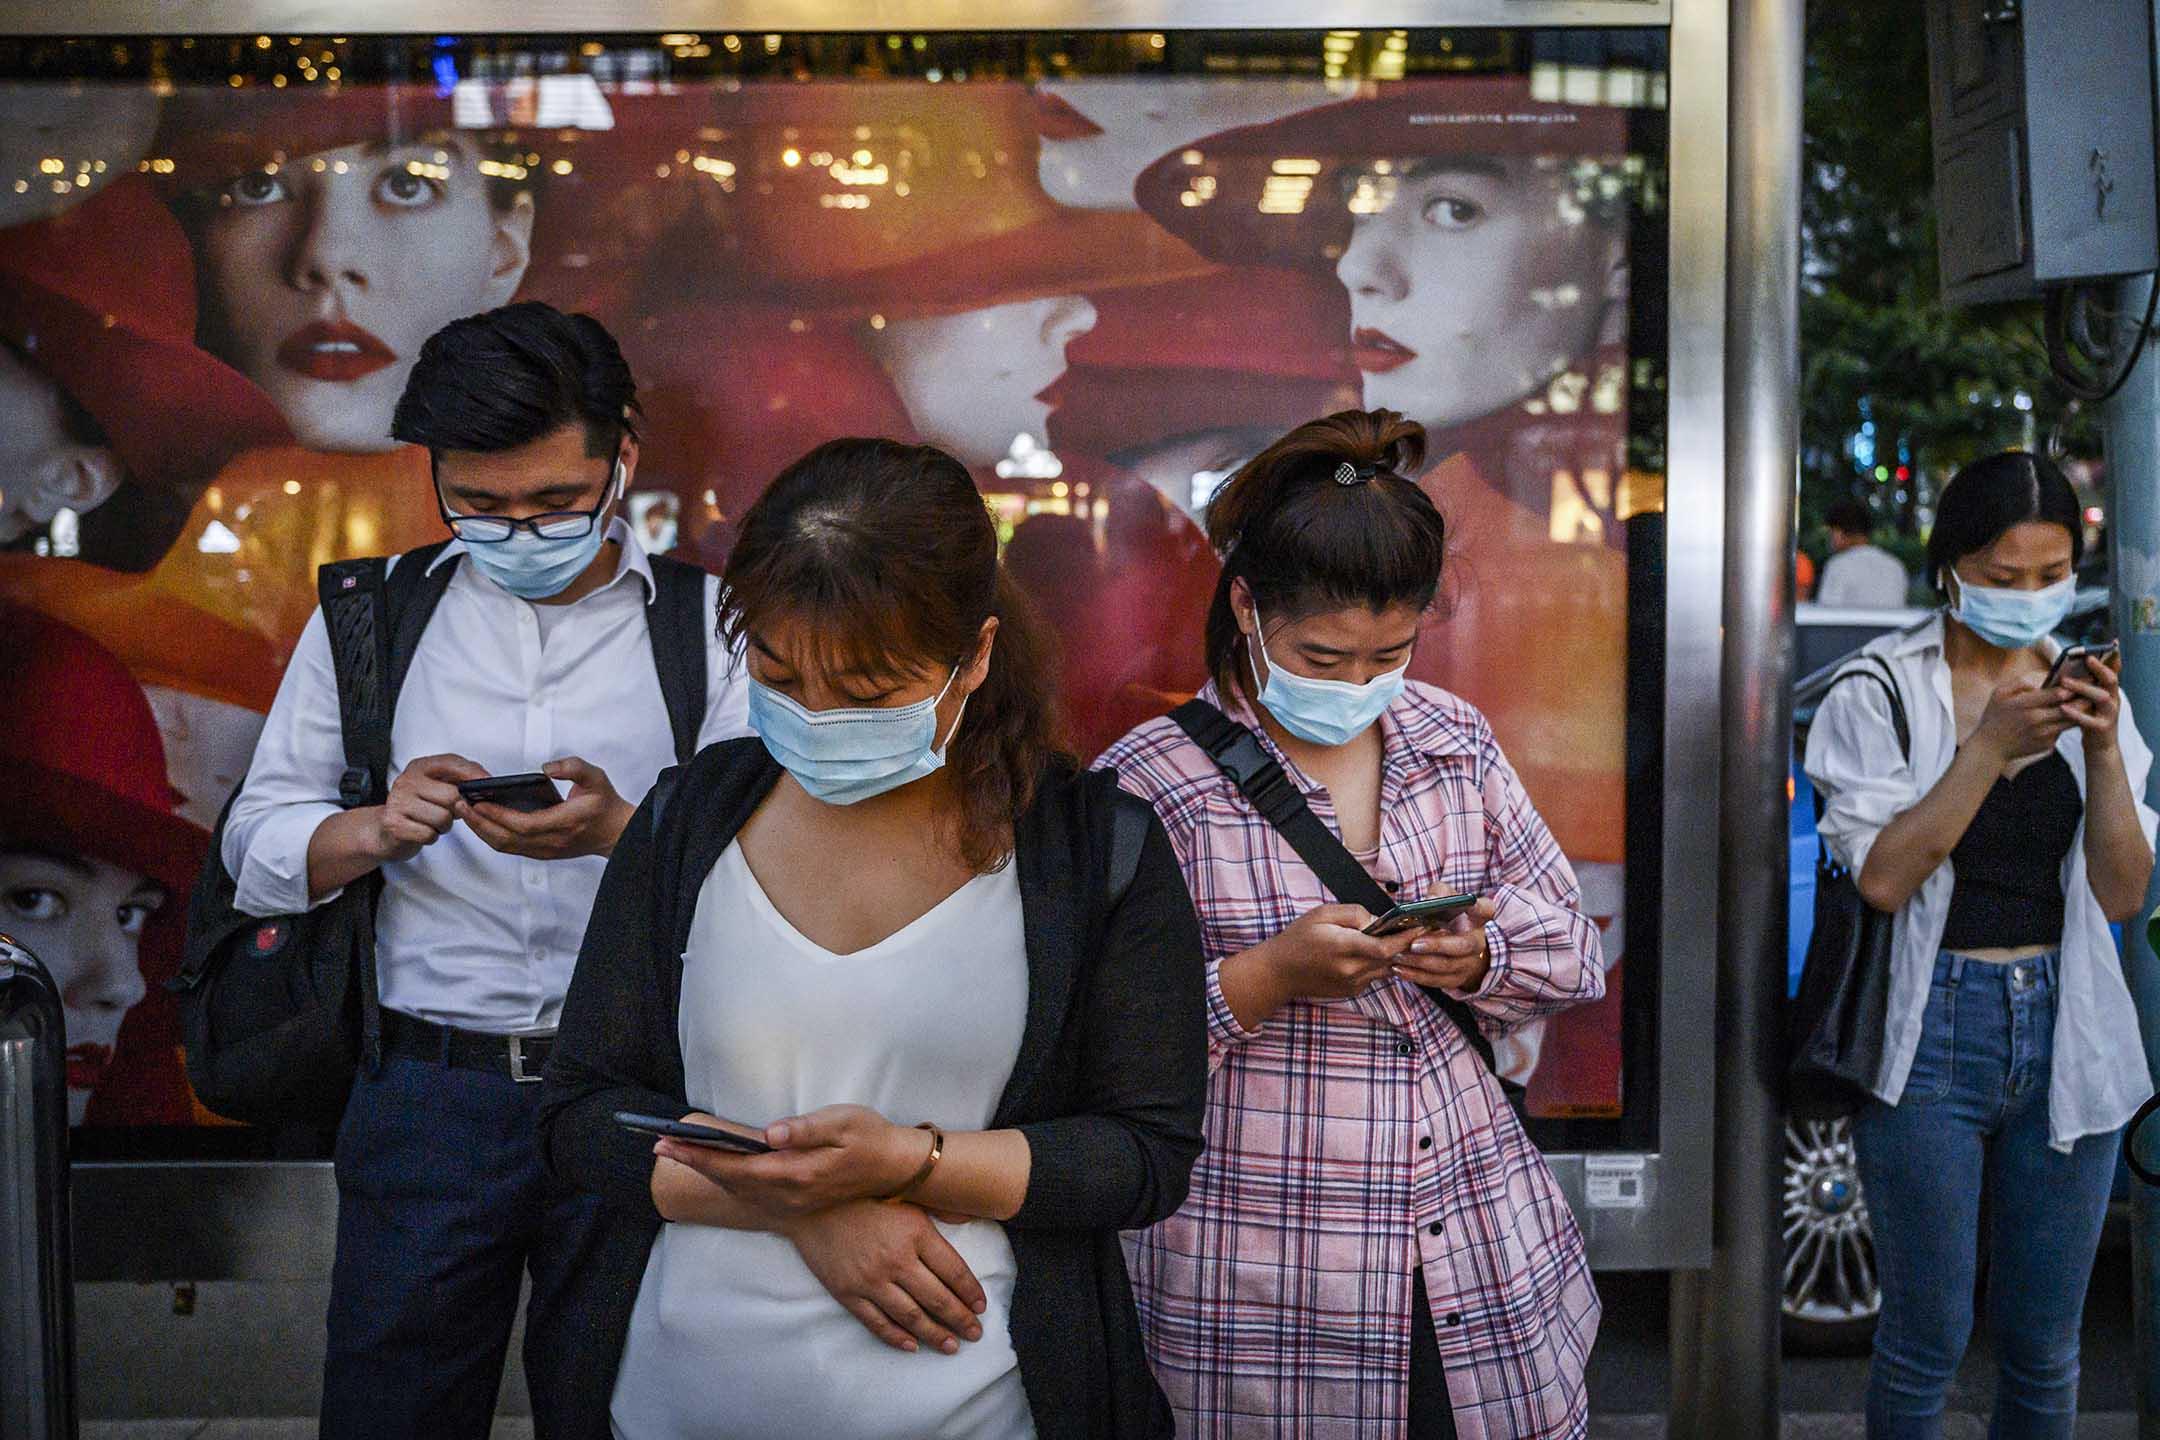 2020年9月21日北京,市民在一個公共汽車站等待時玩手機。 攝:Kevin Frayer/Getty Images